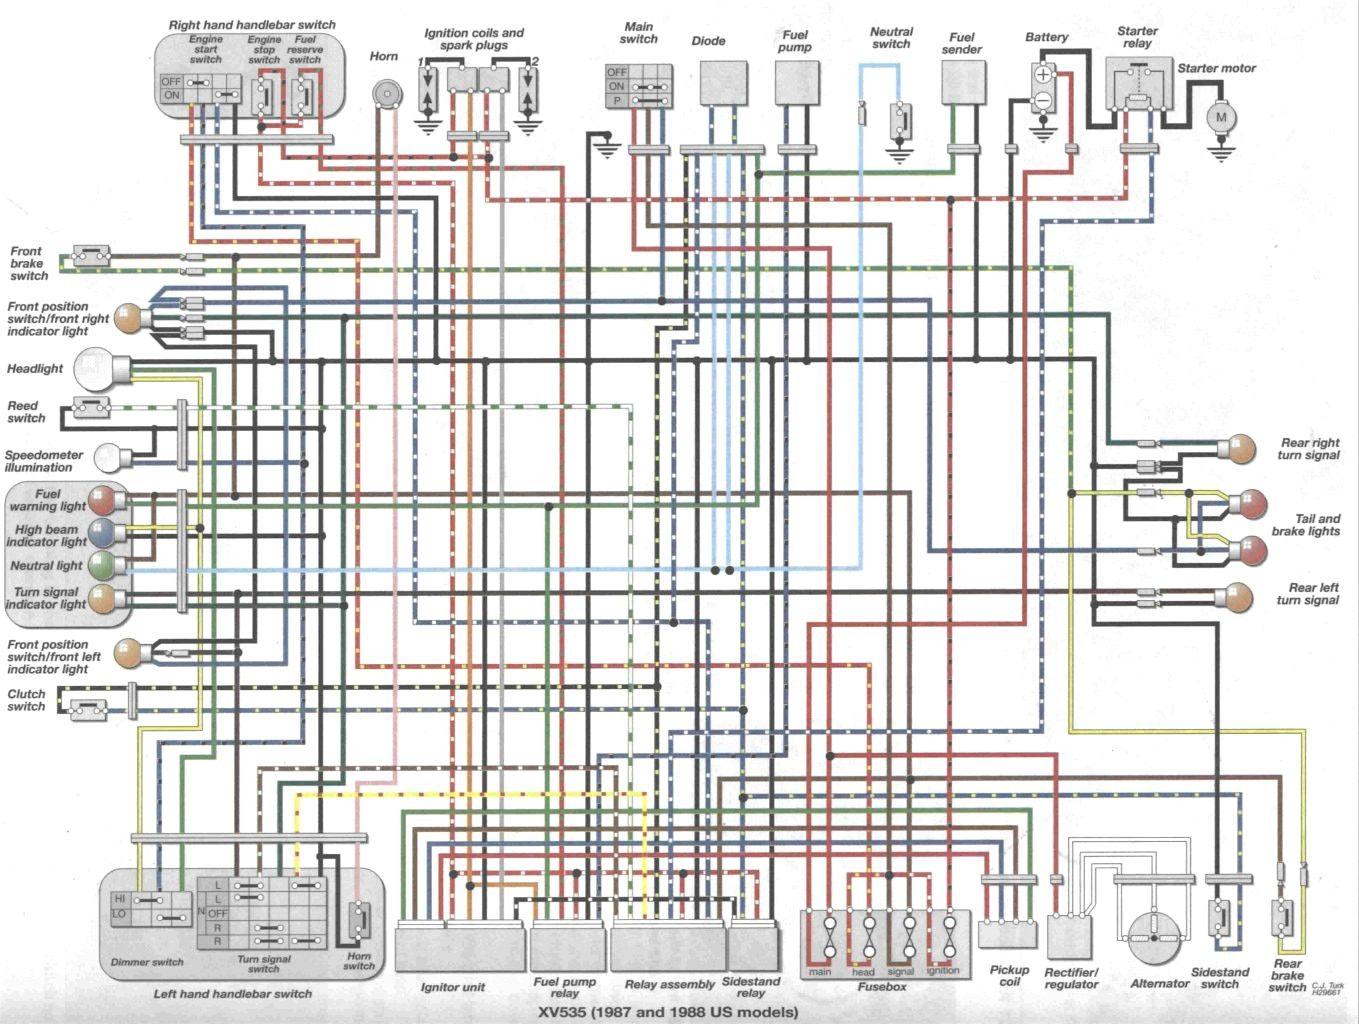 1986 yamaha virago 700 wiring diagram xv535 wiring diagrams konsult 85 xv700 wiring diagram [ 1359 x 1024 Pixel ]